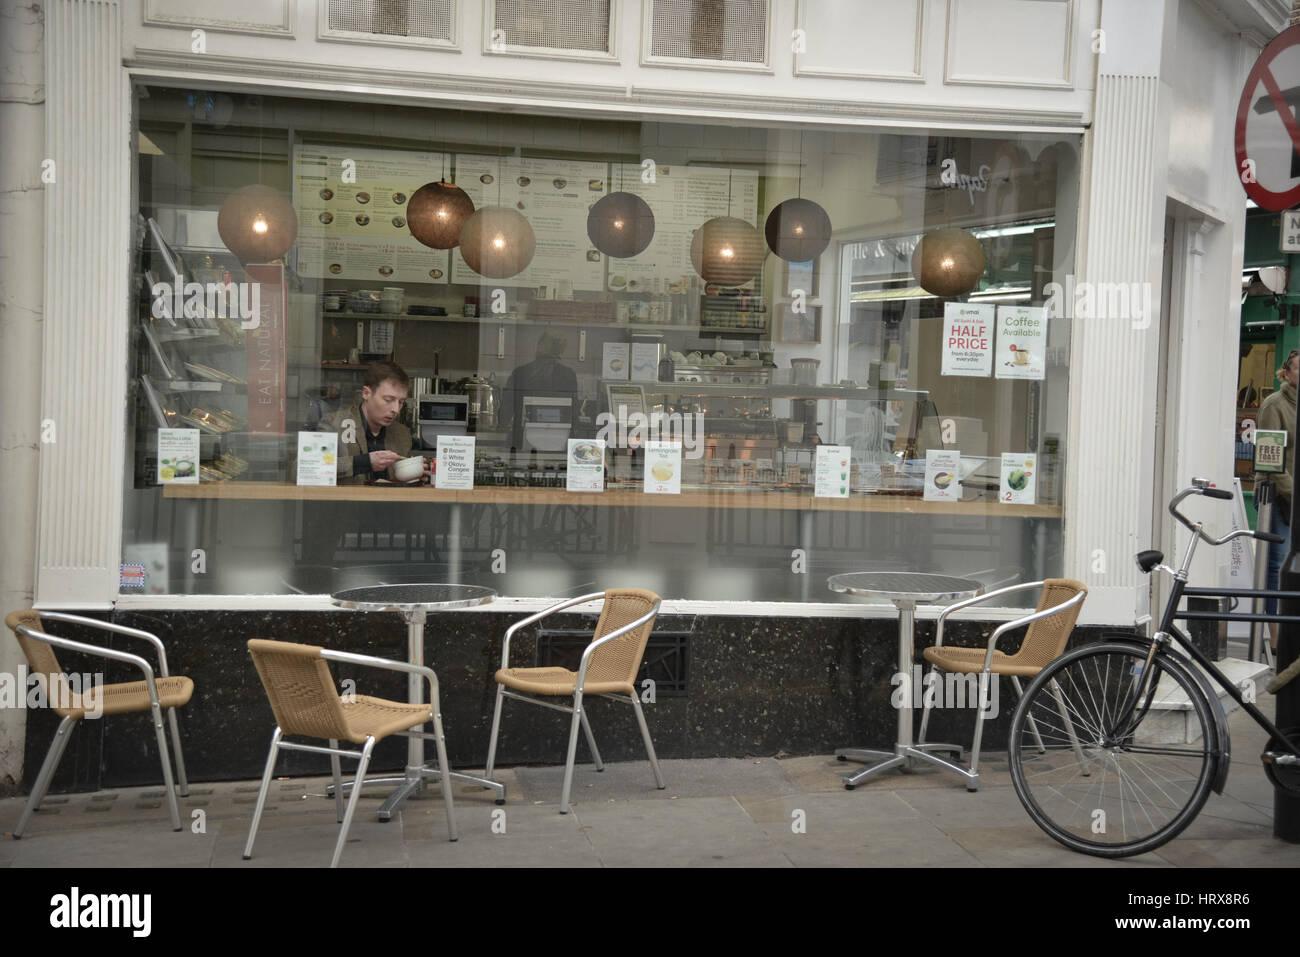 Cafe windows - Stock Image